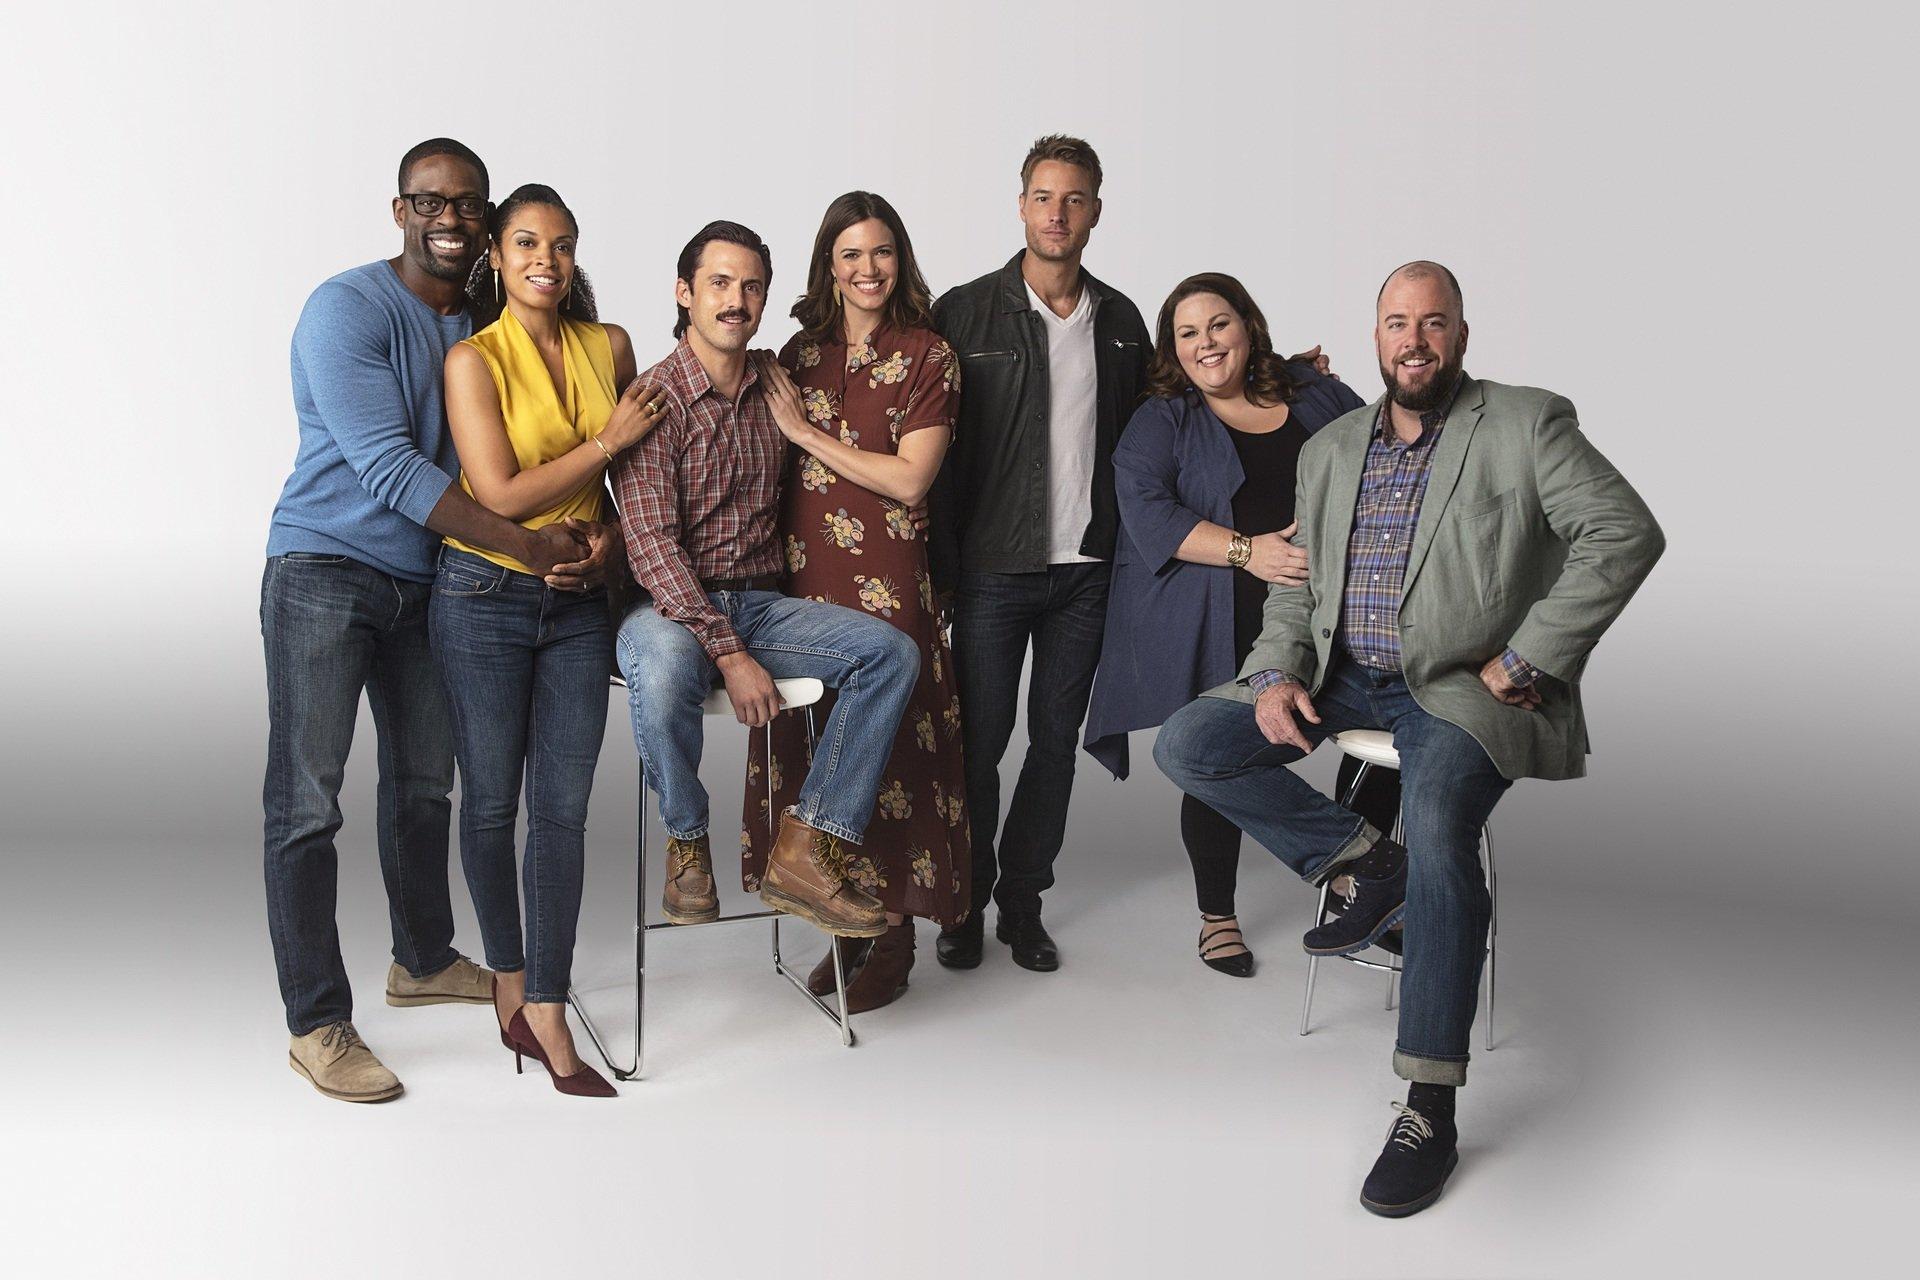 Jak potoczą się dalsze losy rodziny Pearsonów? Drugi sezon Tacy jesteśmy powróci już 10 marca tylko na FOX!